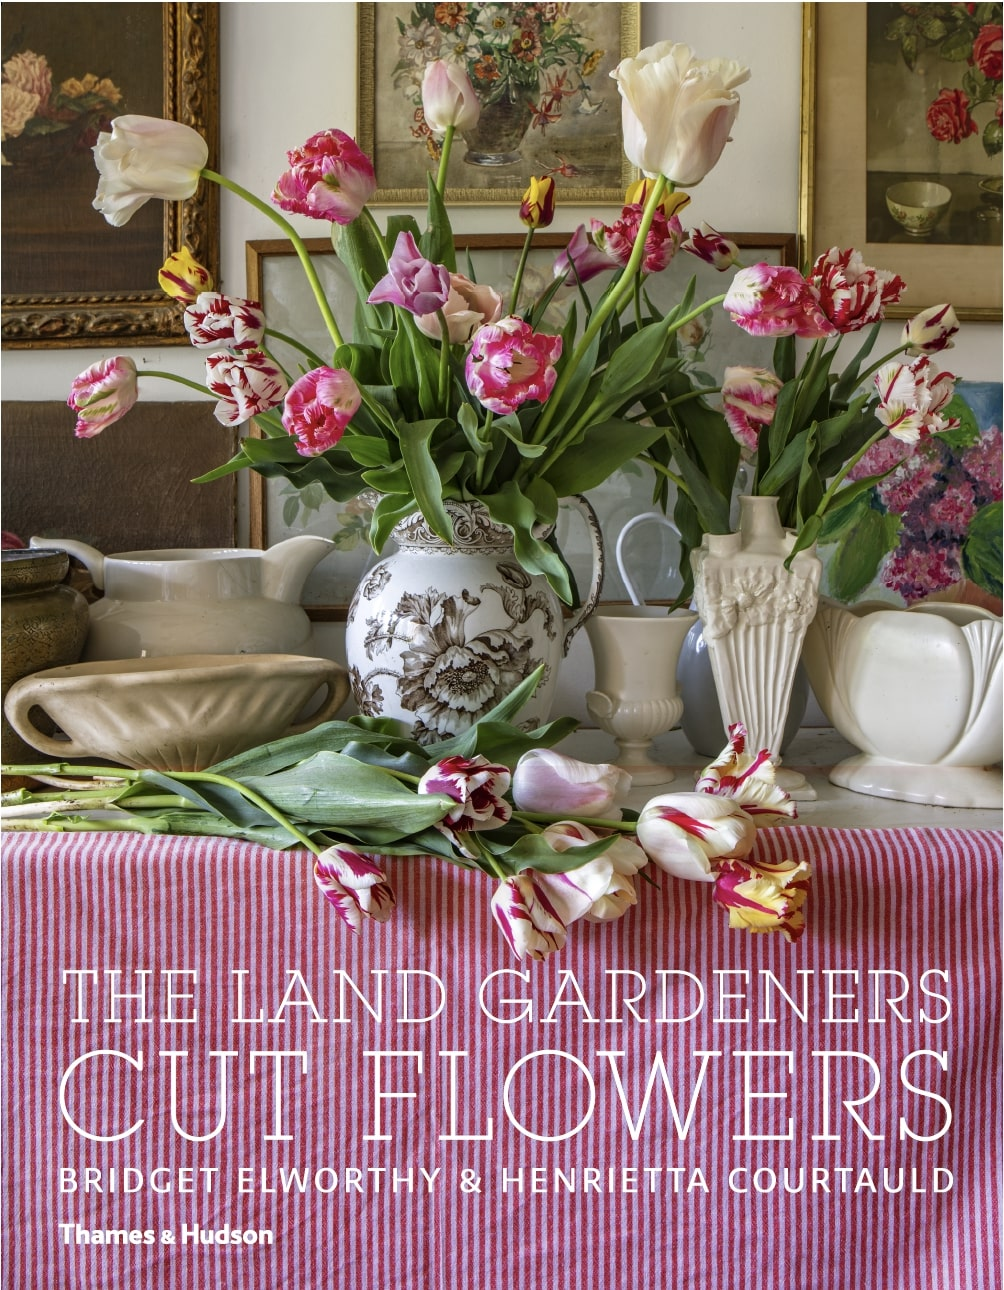 Entretien avec le {fermier} et le fleuriste: The Land Gardeners